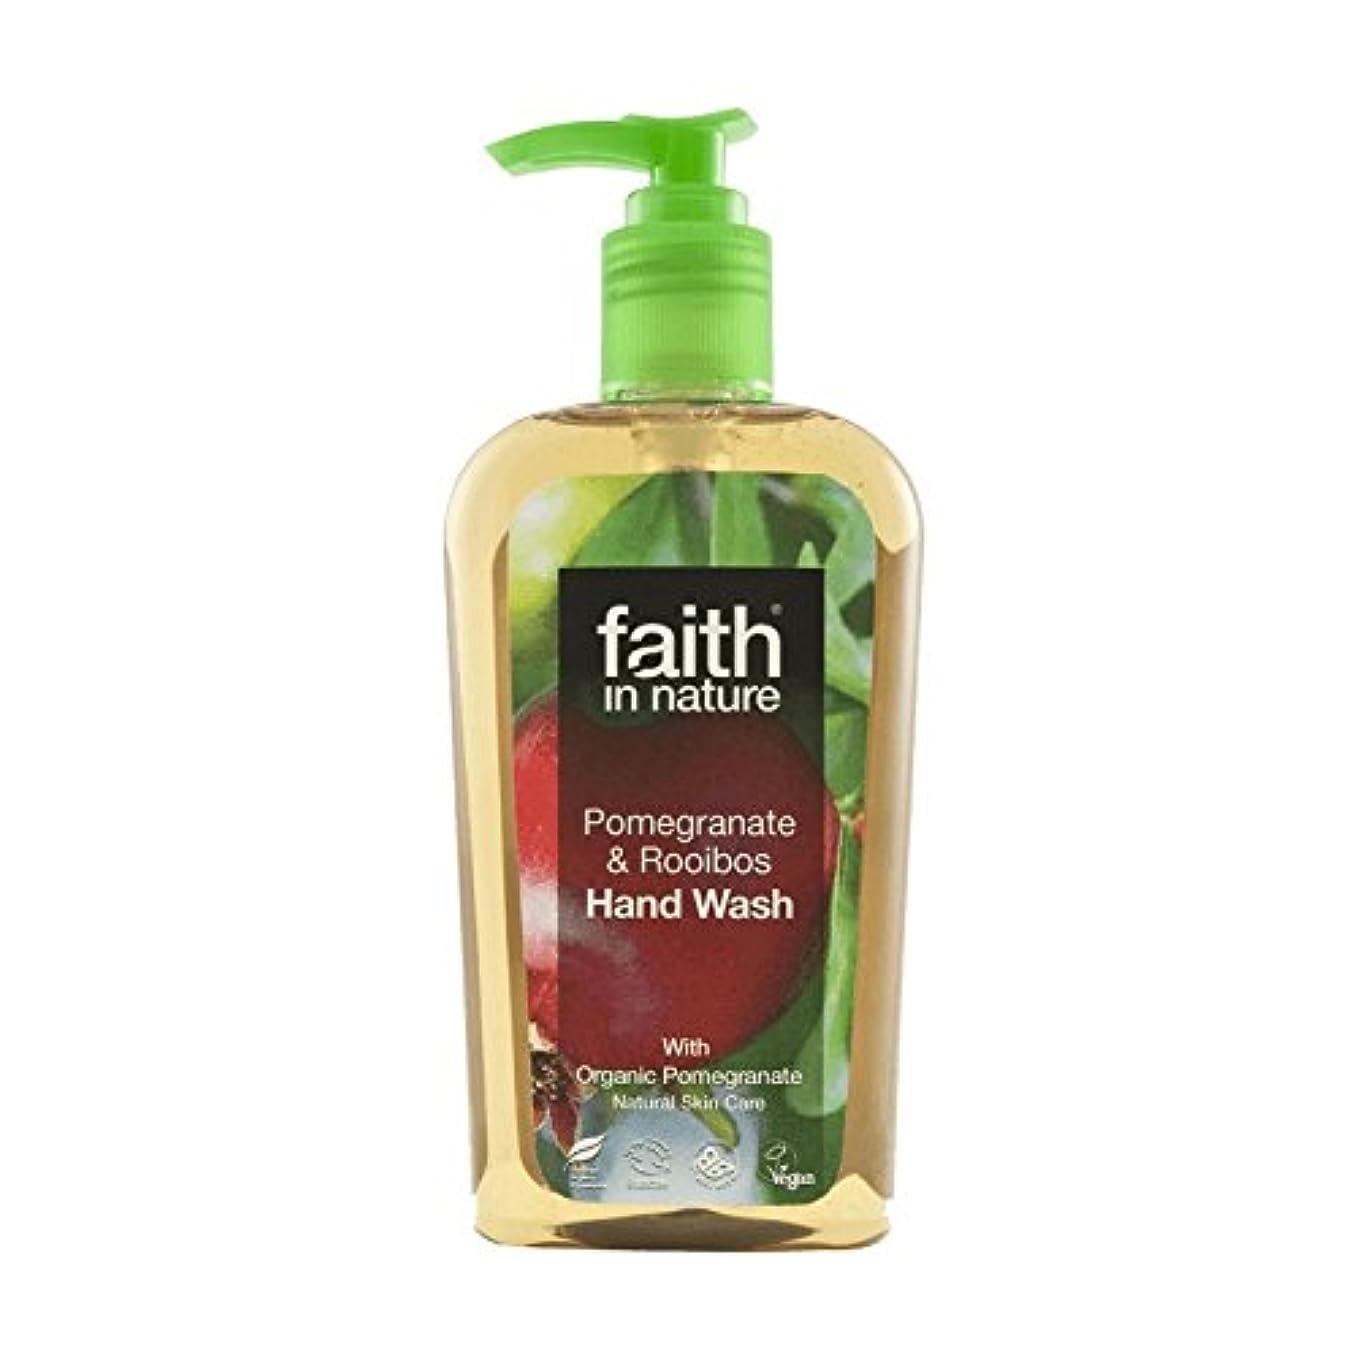 肉腫手錠貴重なFaith In Nature Pomegranate & Rooibos Handwash 300ml (Pack of 2) - 自然ザクロ&ルイボス手洗いの300ミリリットルの信仰 (x2) [並行輸入品]